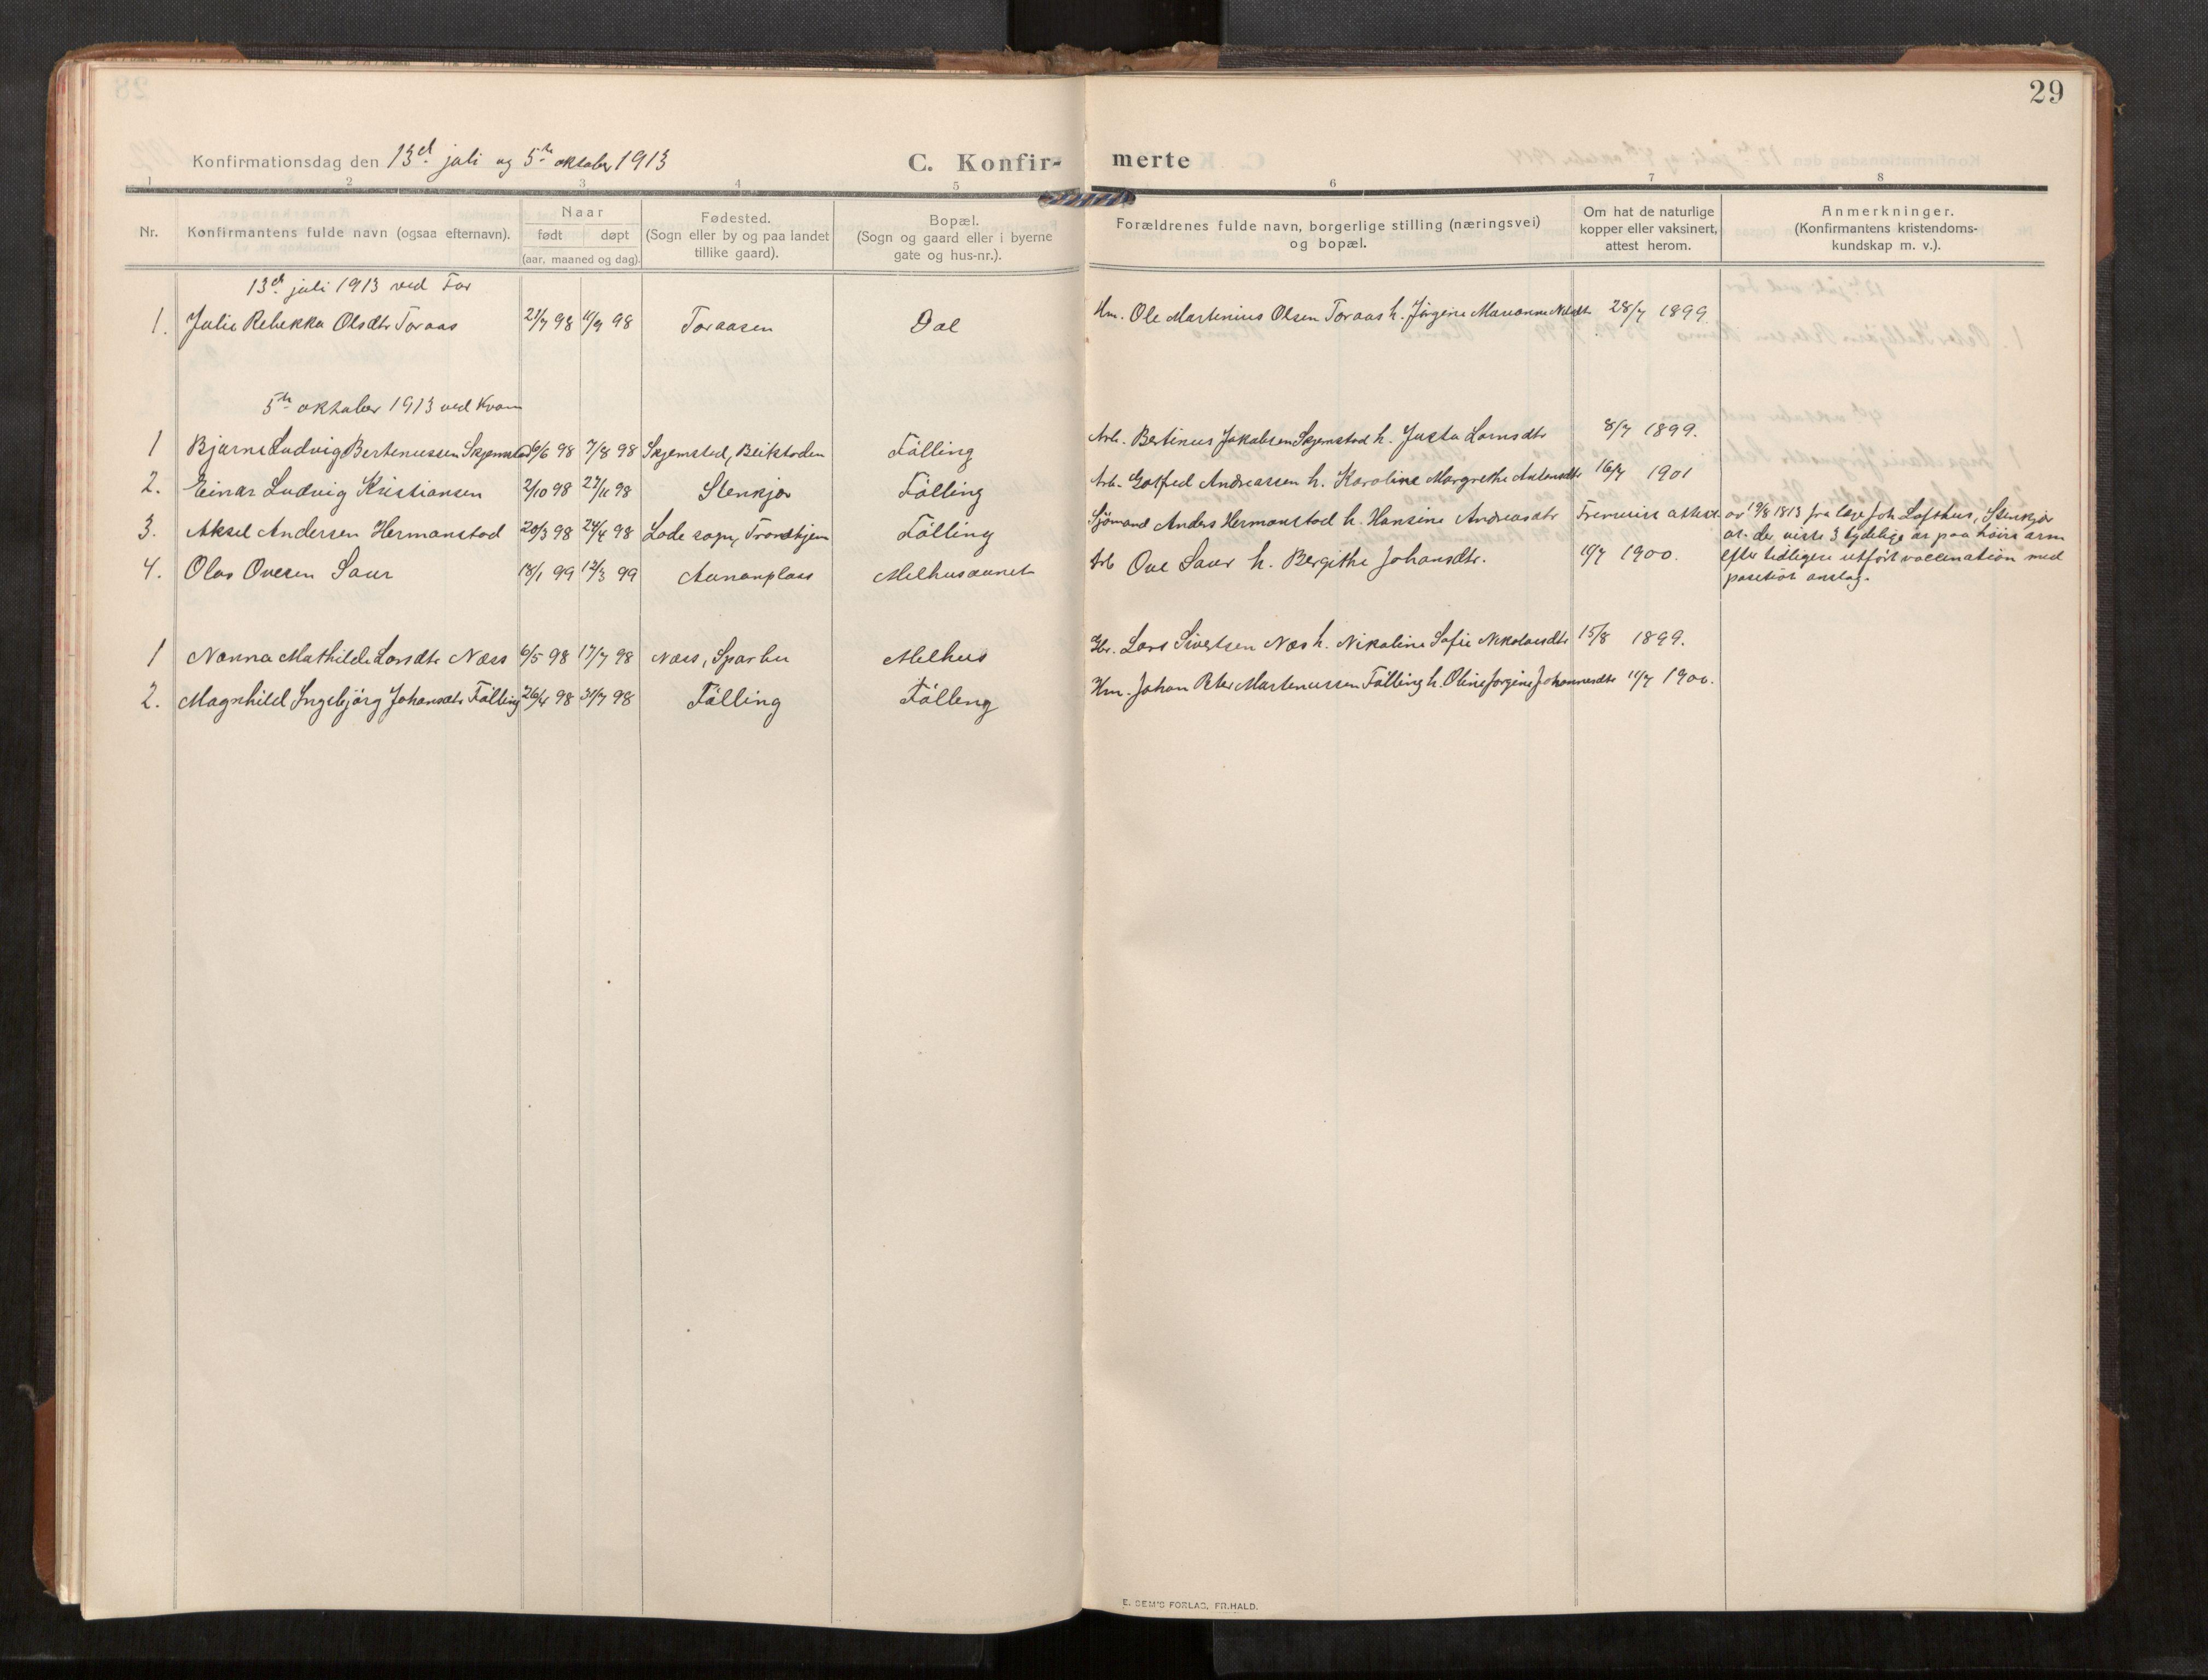 SAT, Stod sokneprestkontor, I/I1/I1a/L0003: Parish register (official) no. 3, 1909-1934, p. 29